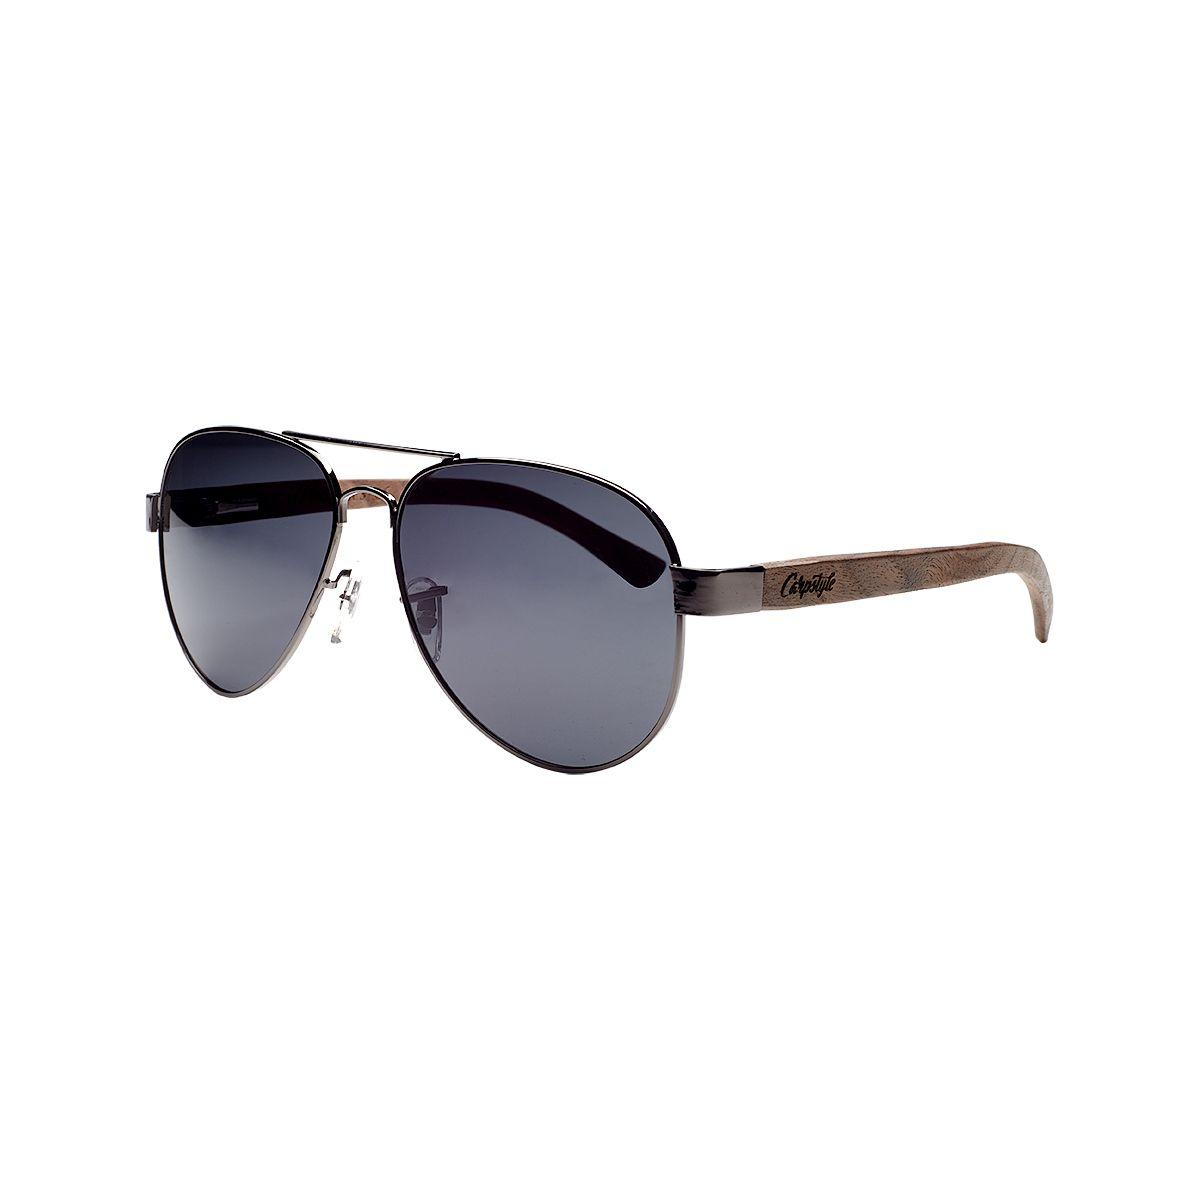 CARPSTYLE Sluneční Brýle Carpstyle Aviator Iron